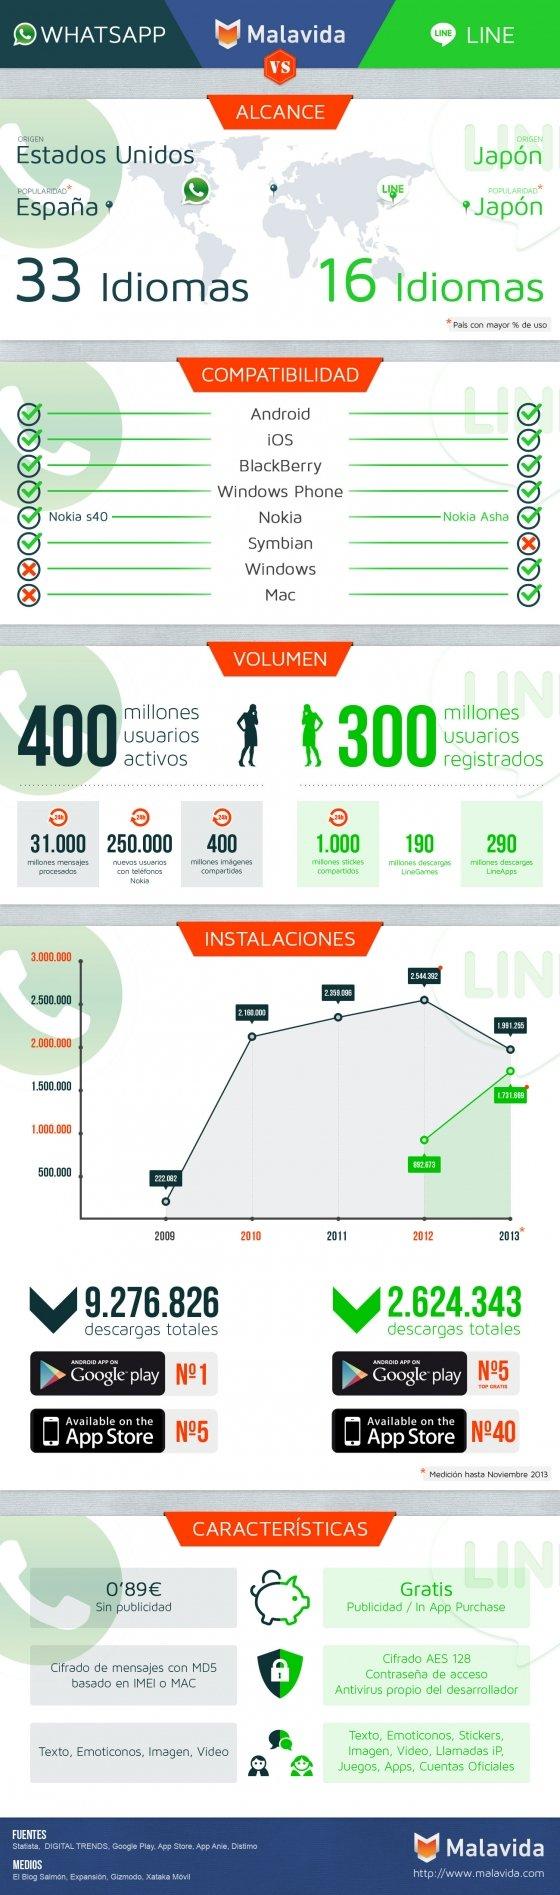 Volumen de usuarios y datos de WhatsApp y LINE